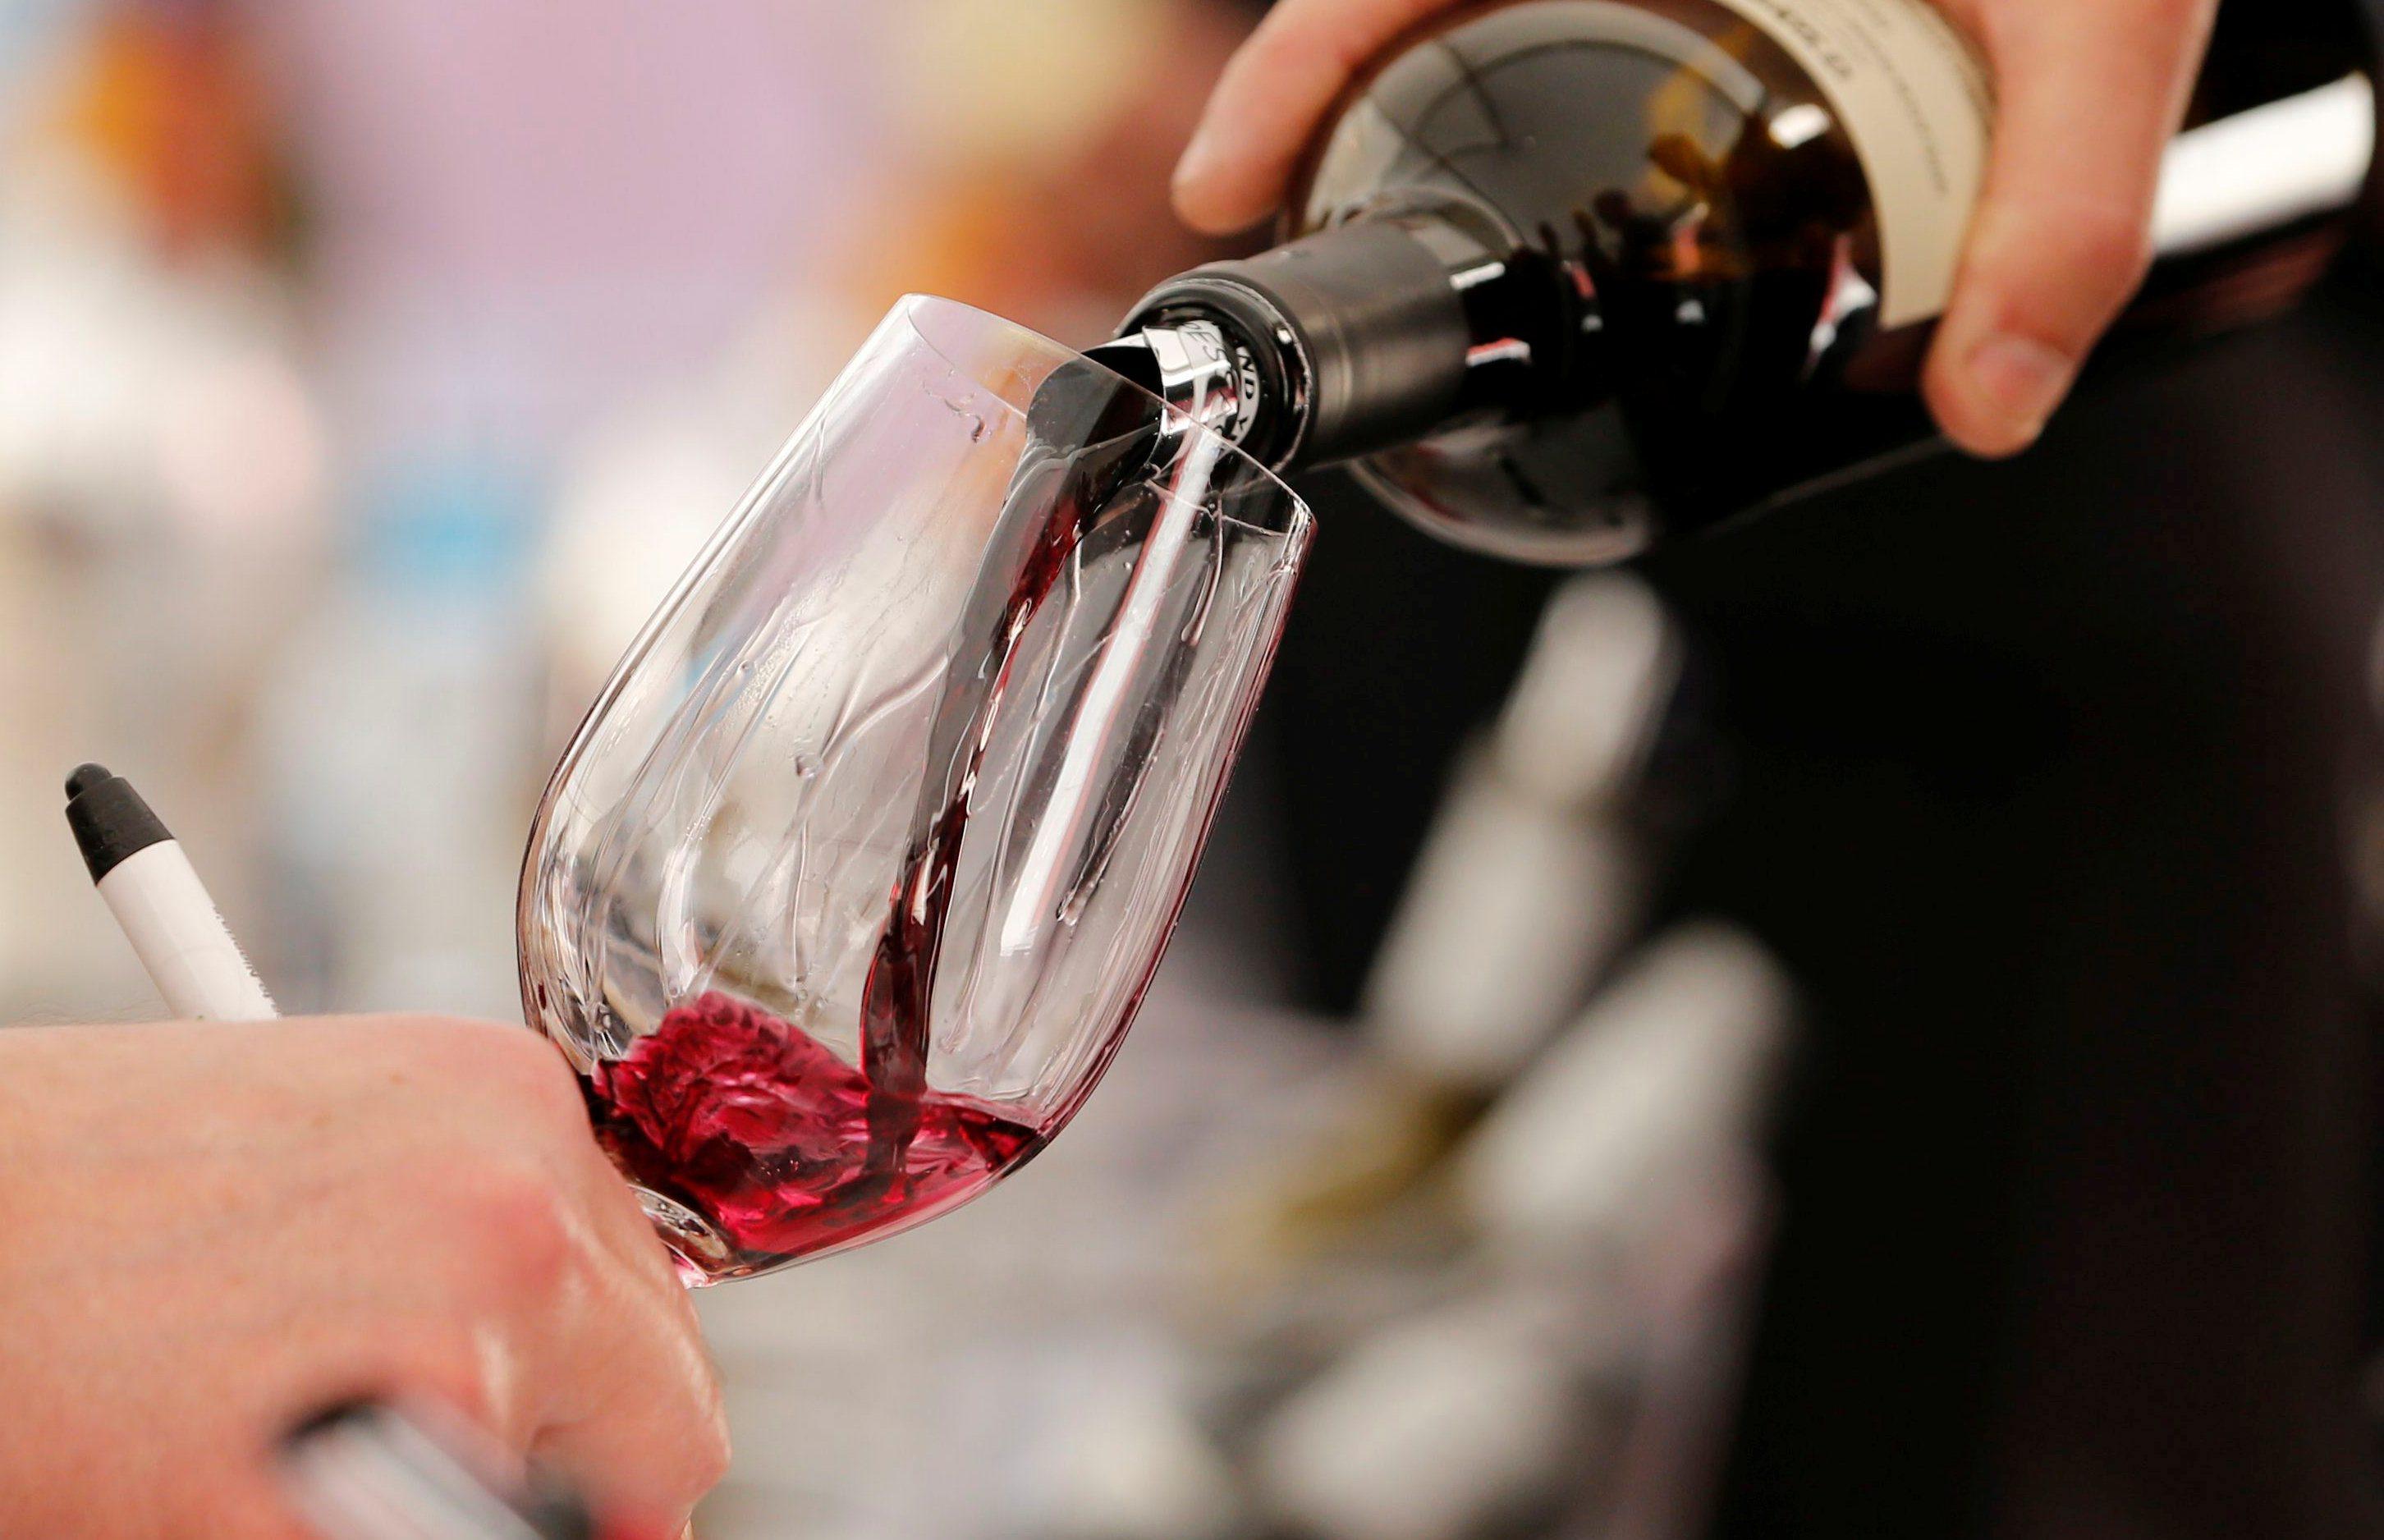 יין נמזג לכוס (צילום: רויטרס)